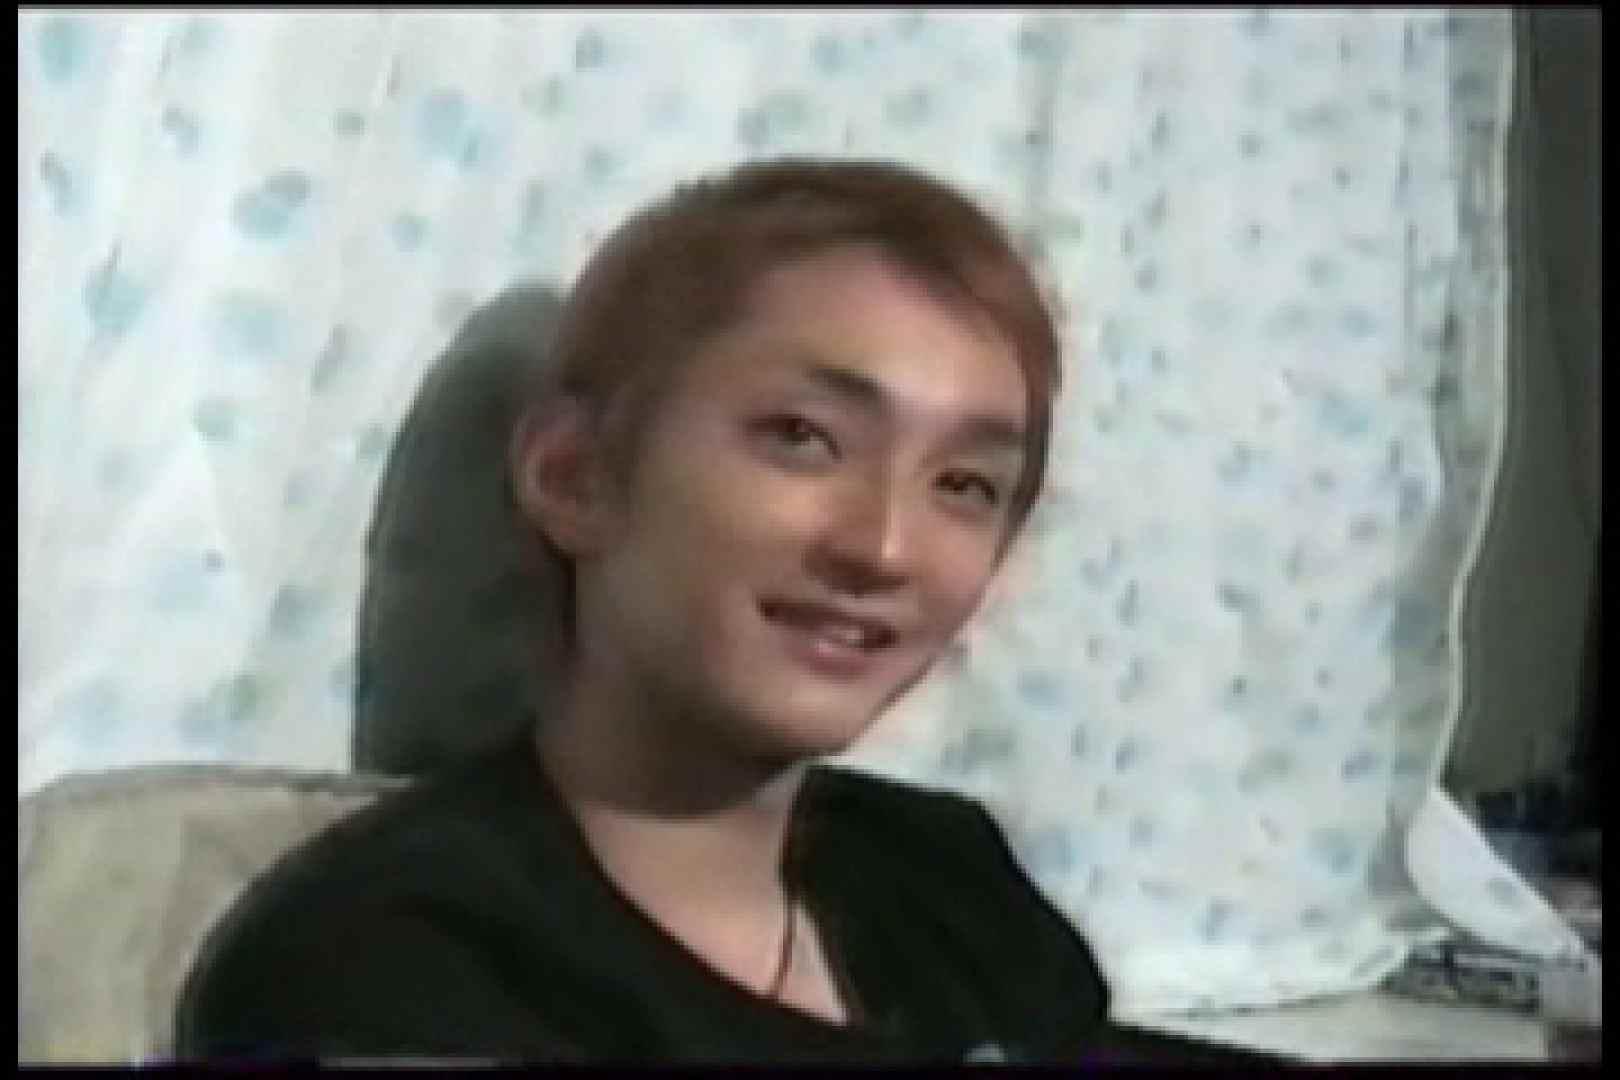 【流出】アイドルを目指したジャニ系イケメンの過去 射精 GAY無修正エロ動画 107枚 63